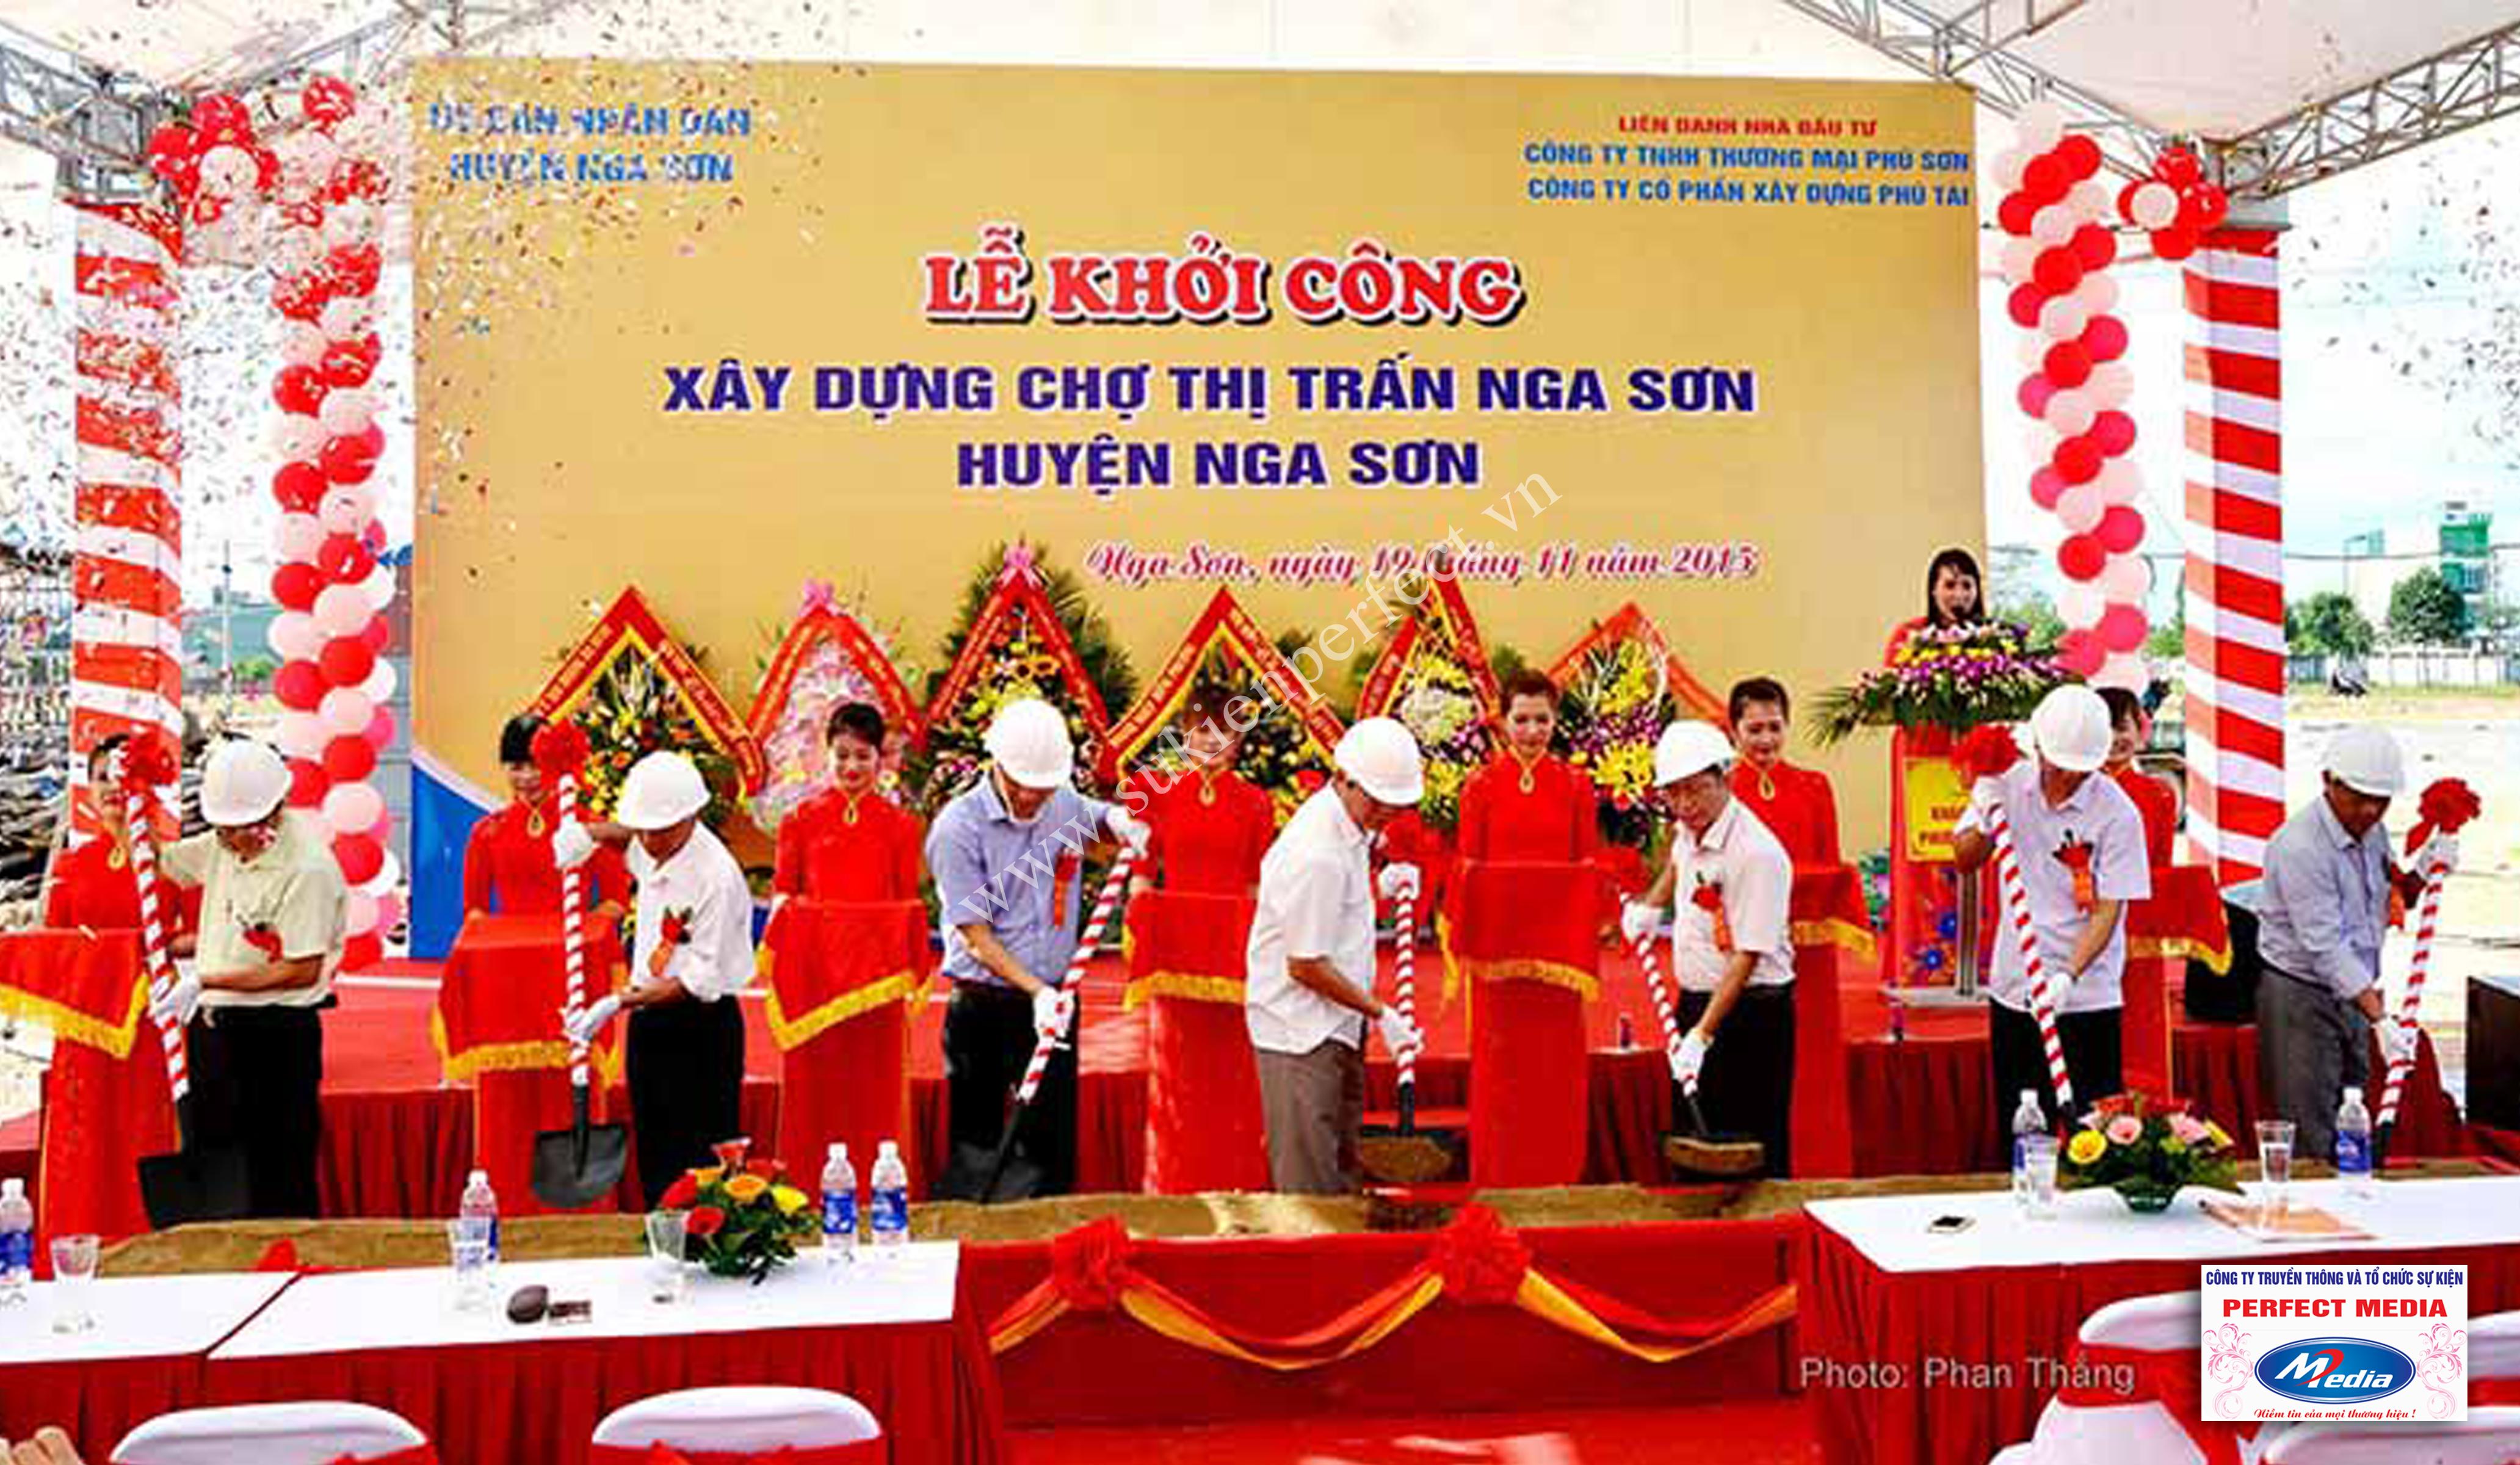 Hình ảnh trong lễ khởi công xây dựng chợ thị trấn huyện Nga Sơn 18